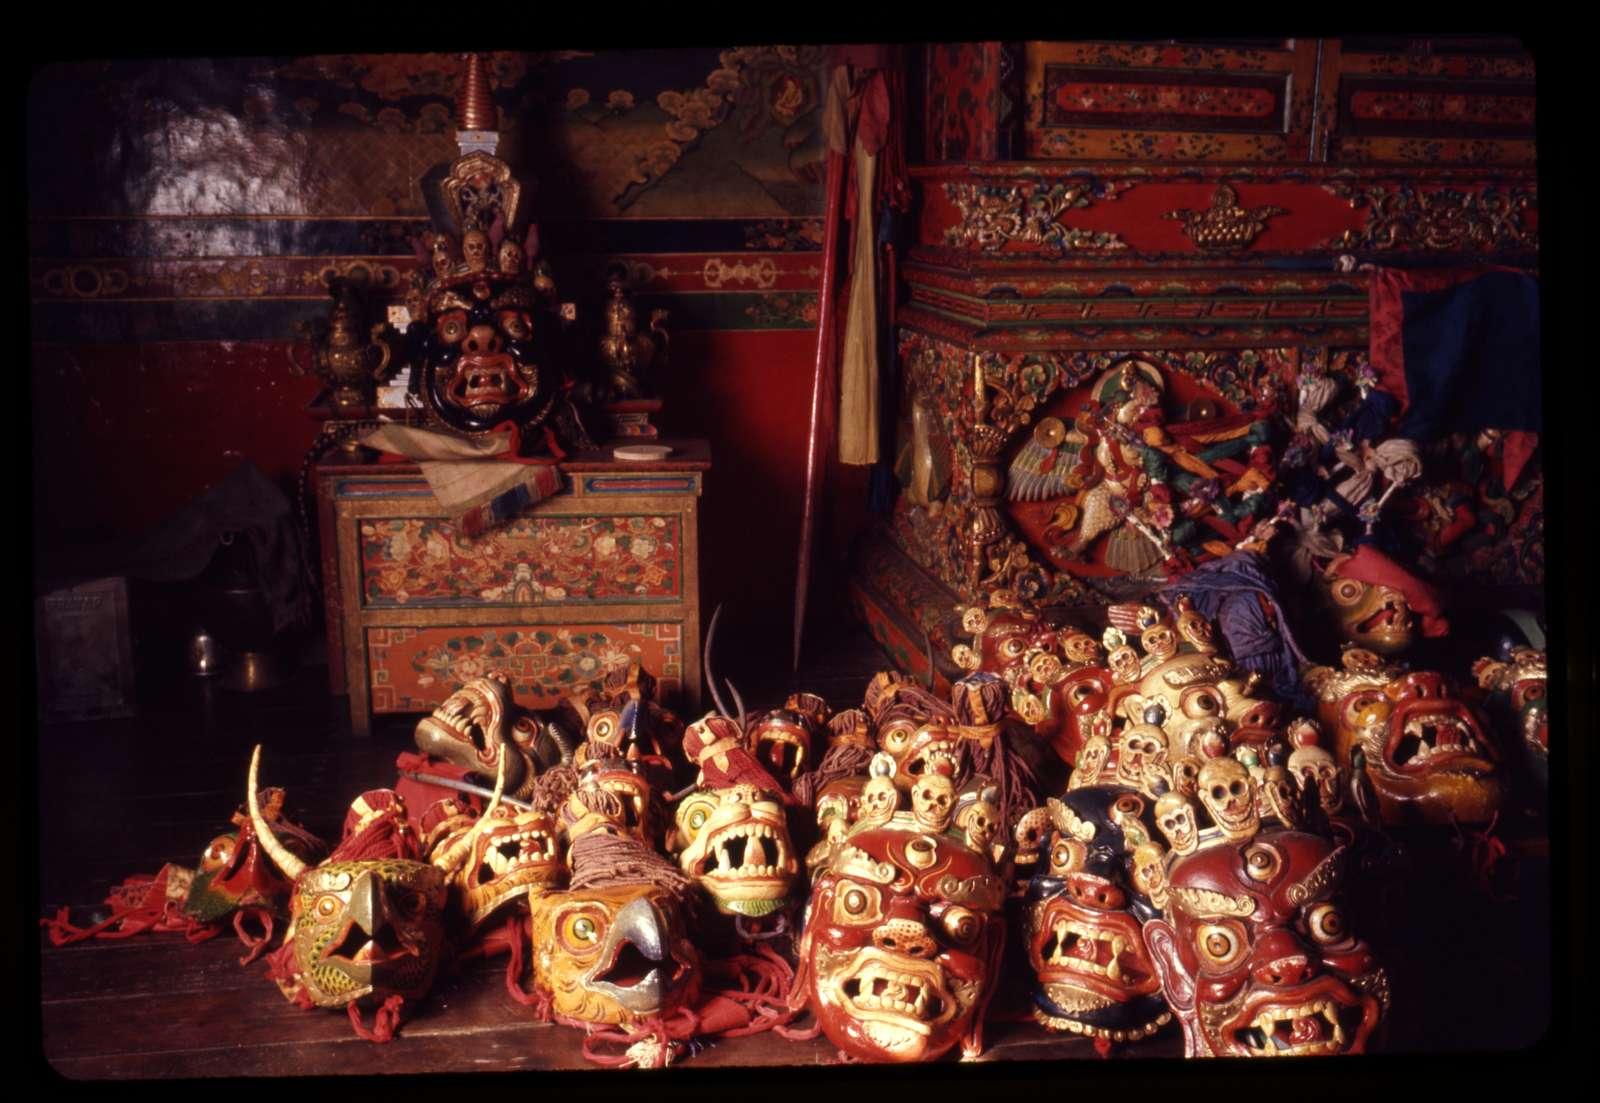 [Masks of different deities, Gangtok, Sikkim]